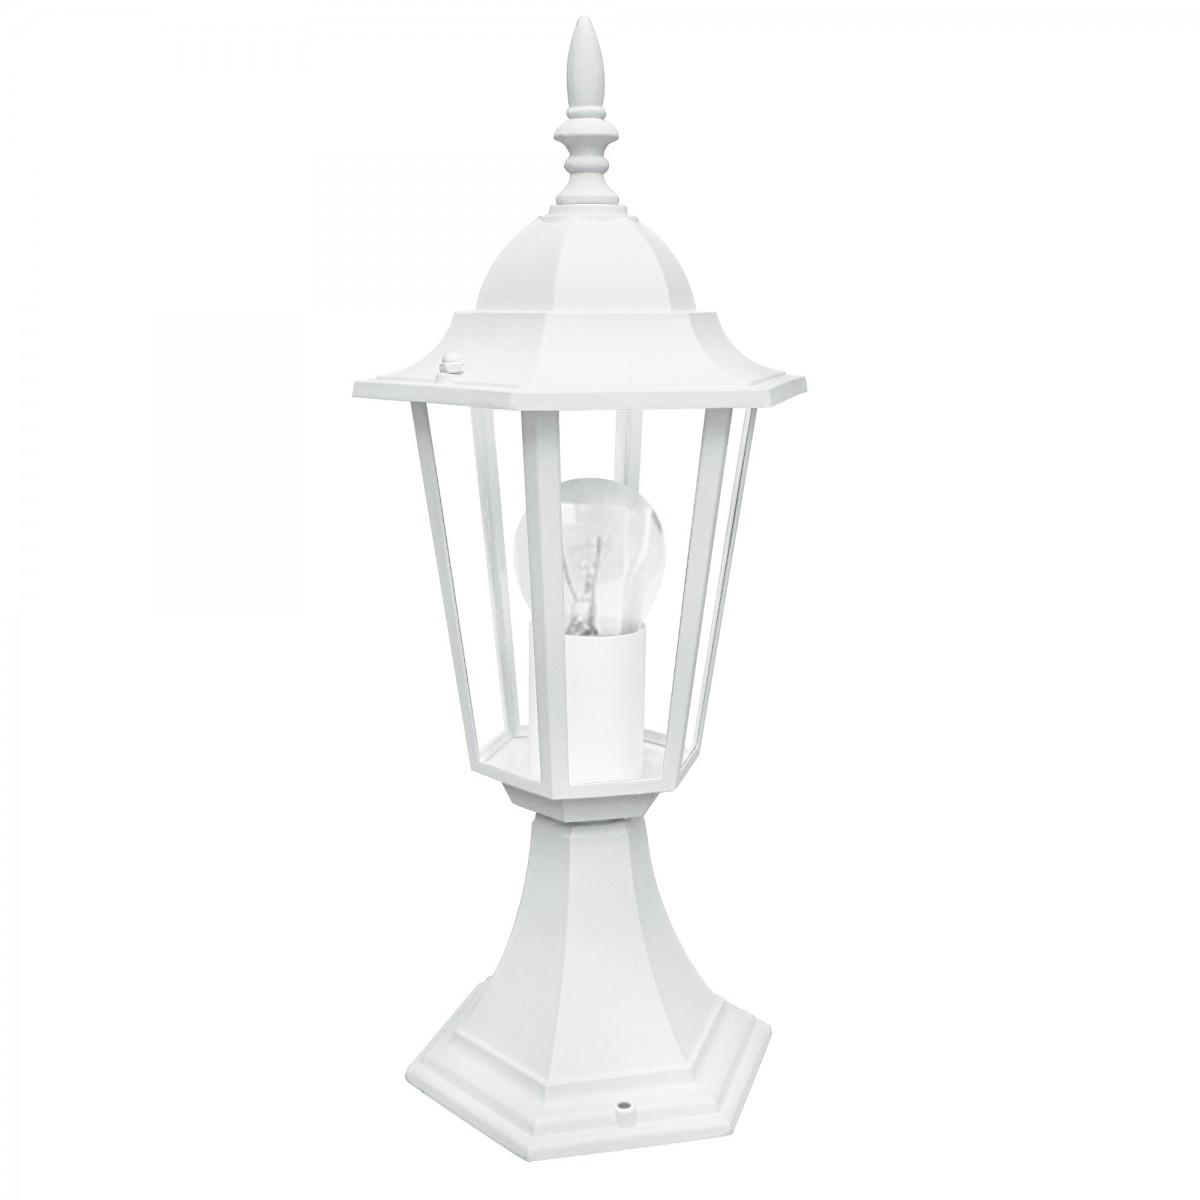 Mengjay applique per esterni, e27 nero lampada da parete rustica lanterna. Lanterna Da Terra Per Esterno 60w E27 Bianca London